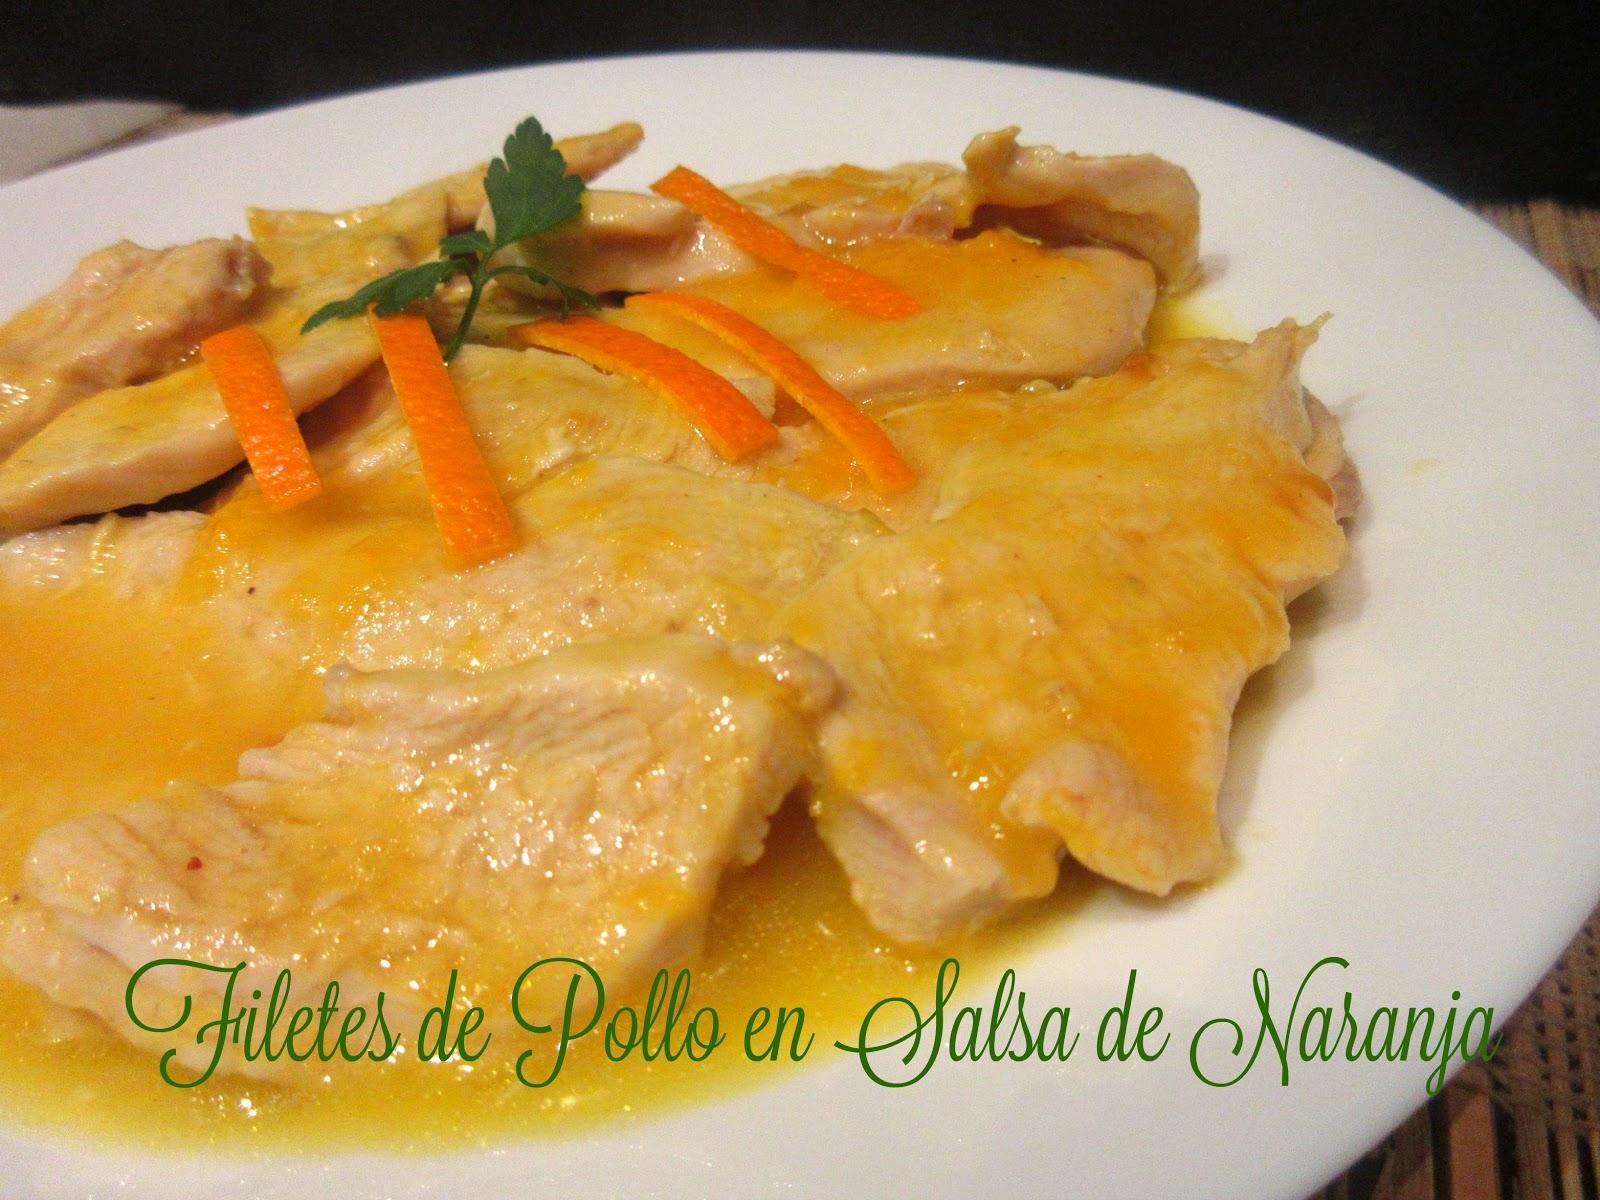 arroz blanco con pollo en salsa